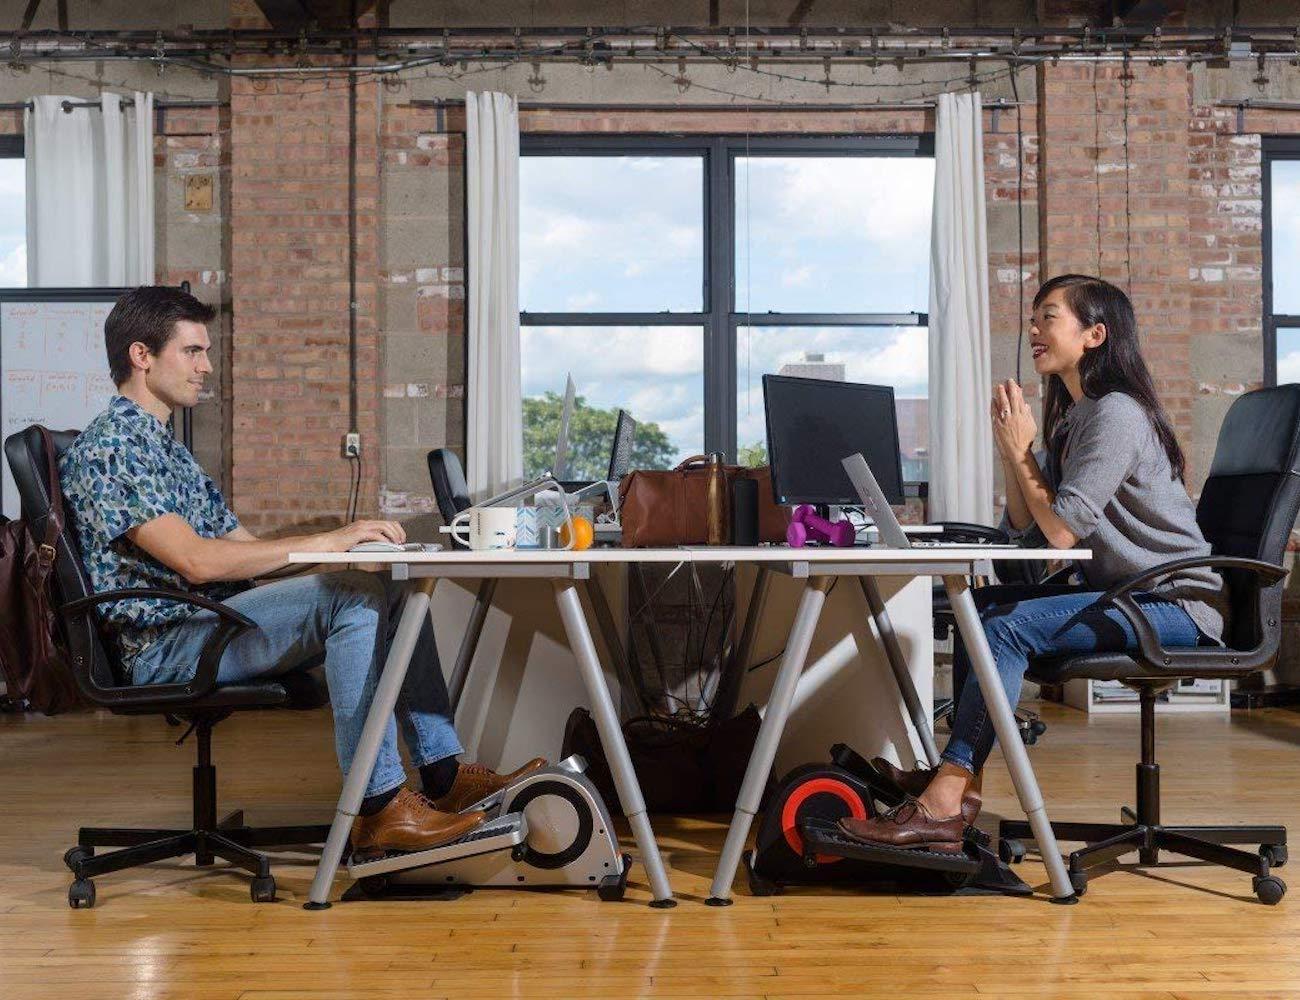 Cubii Pro Under Desk Elliptical  Gadget Flow